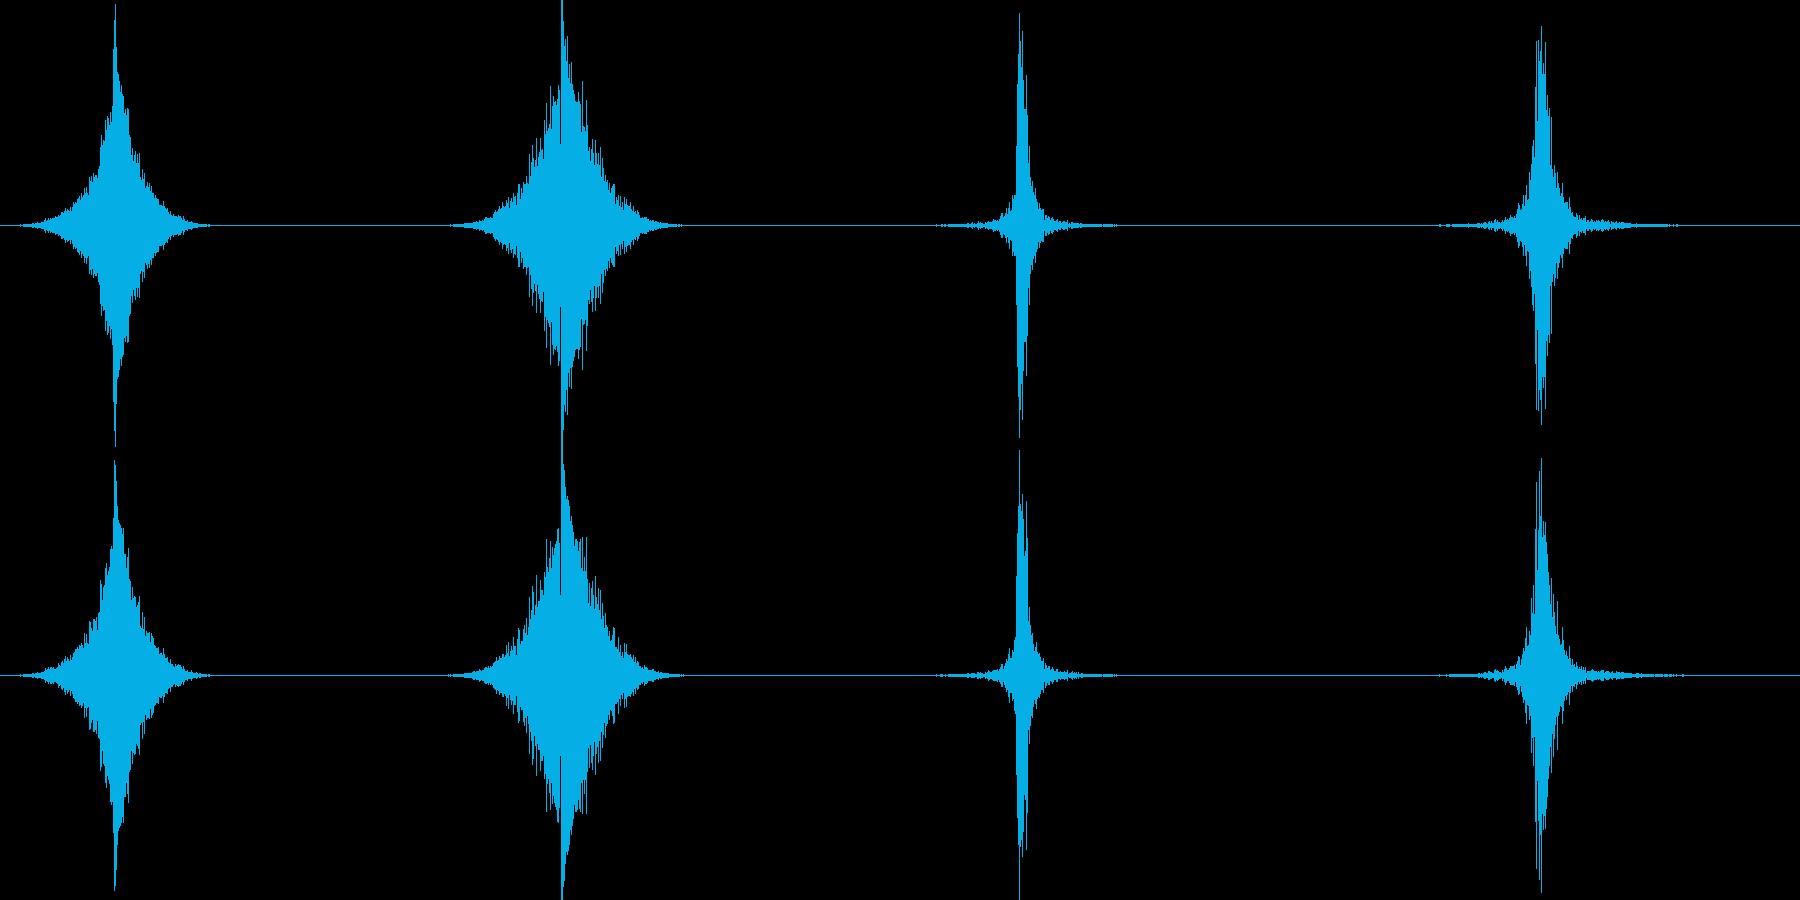 ホイップ、ヒット、インパクト、4バ...の再生済みの波形